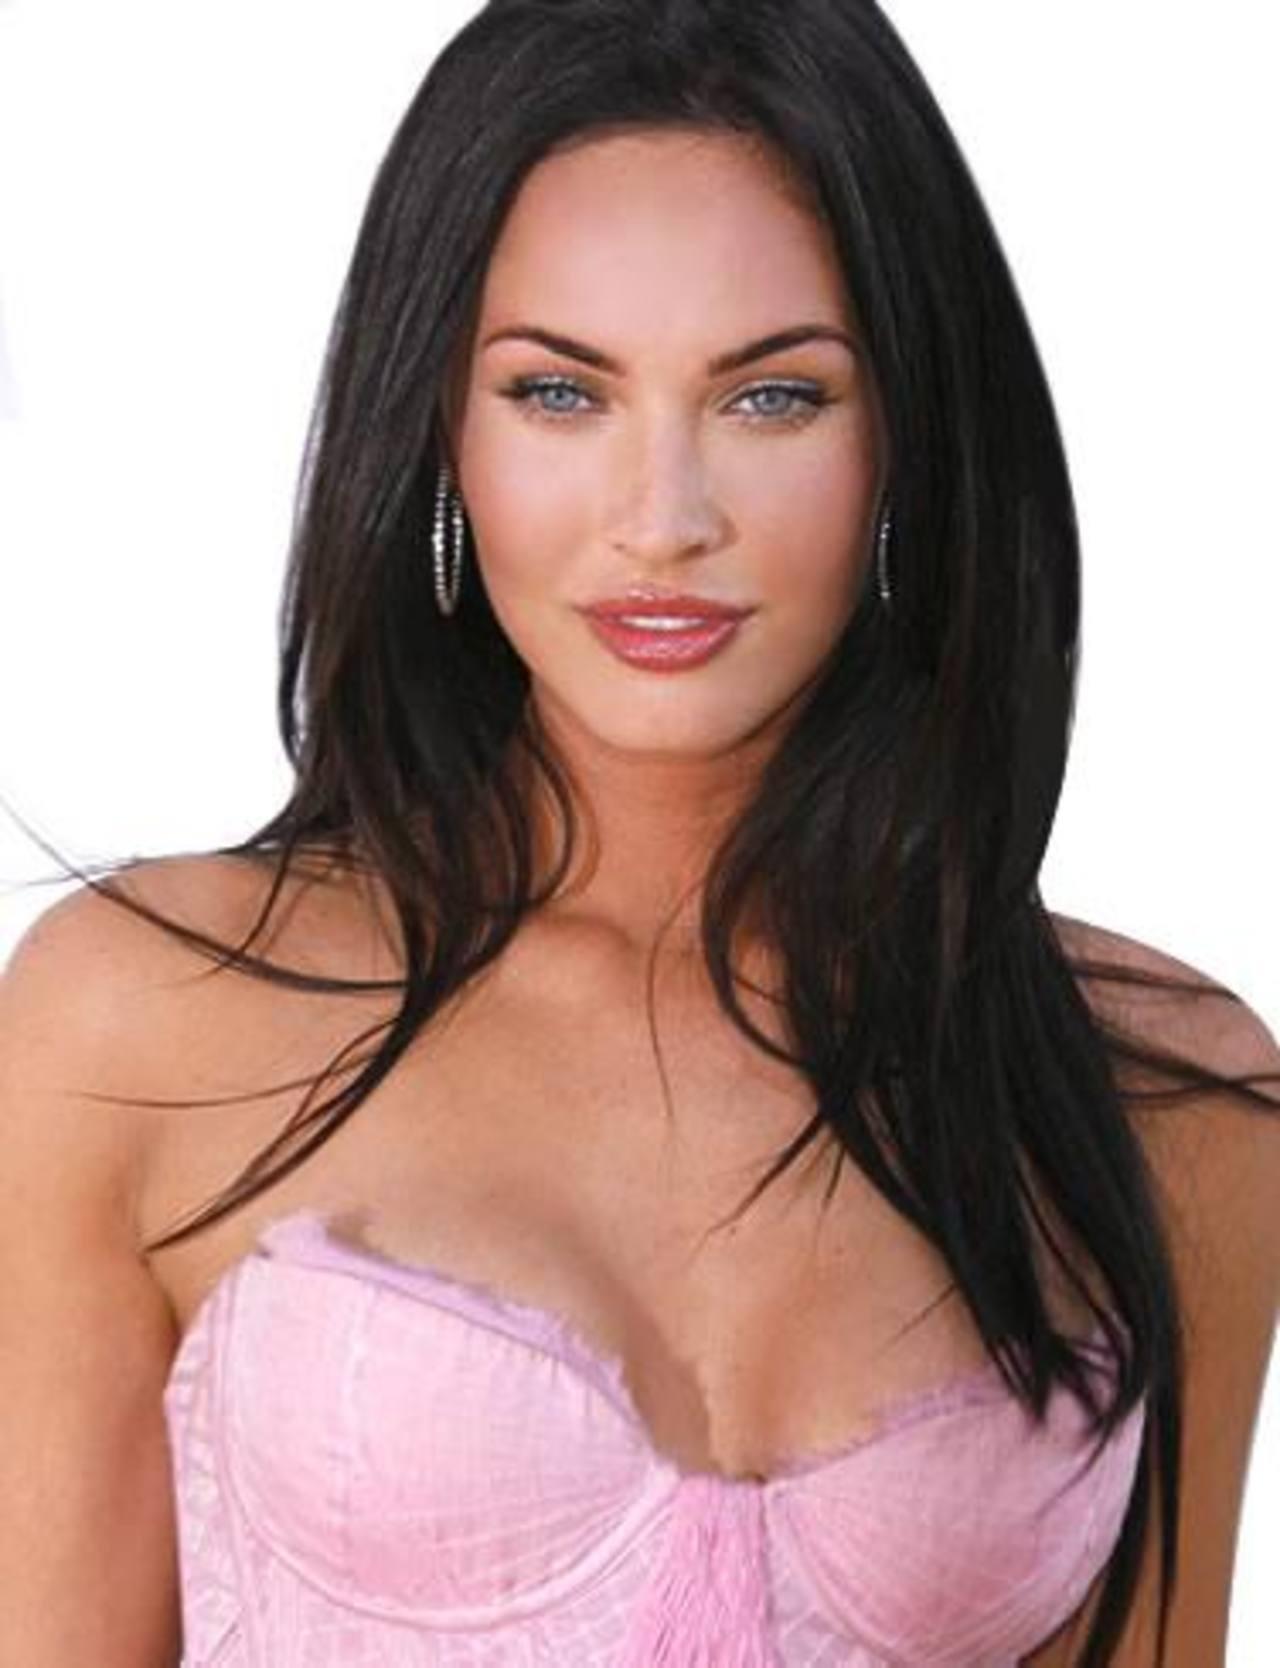 ¿Cómo prefieres a Megan Fox, con o sin maquillaje?